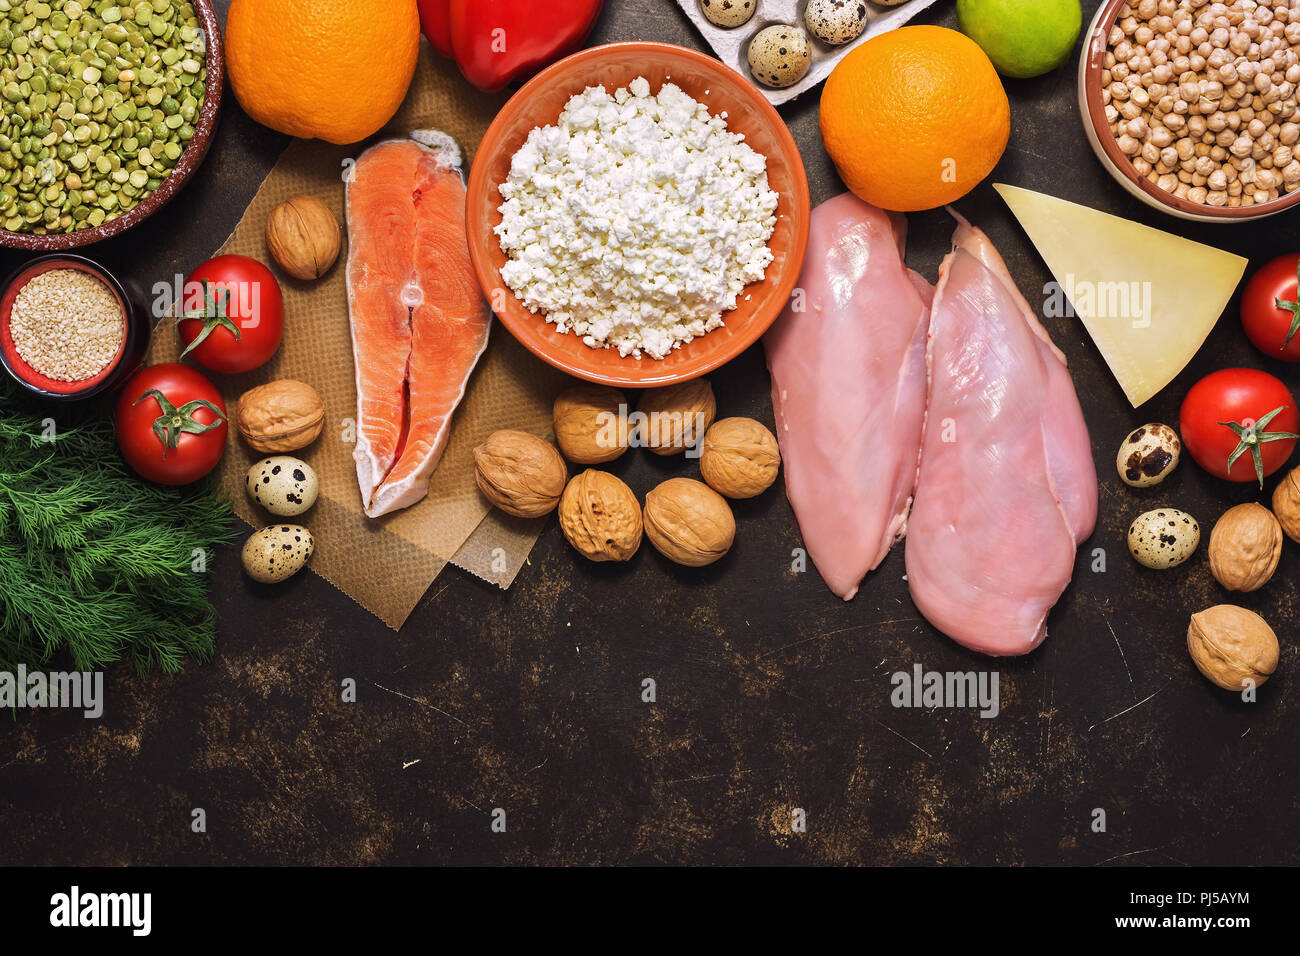 Fondo con alimentos saludables. Pez Rojo, pechuga de pollo, verduras, frutas, cereales, productos lácteos, huevos de codorniz. Vista superior, espacio de copia. Imagen De Stock